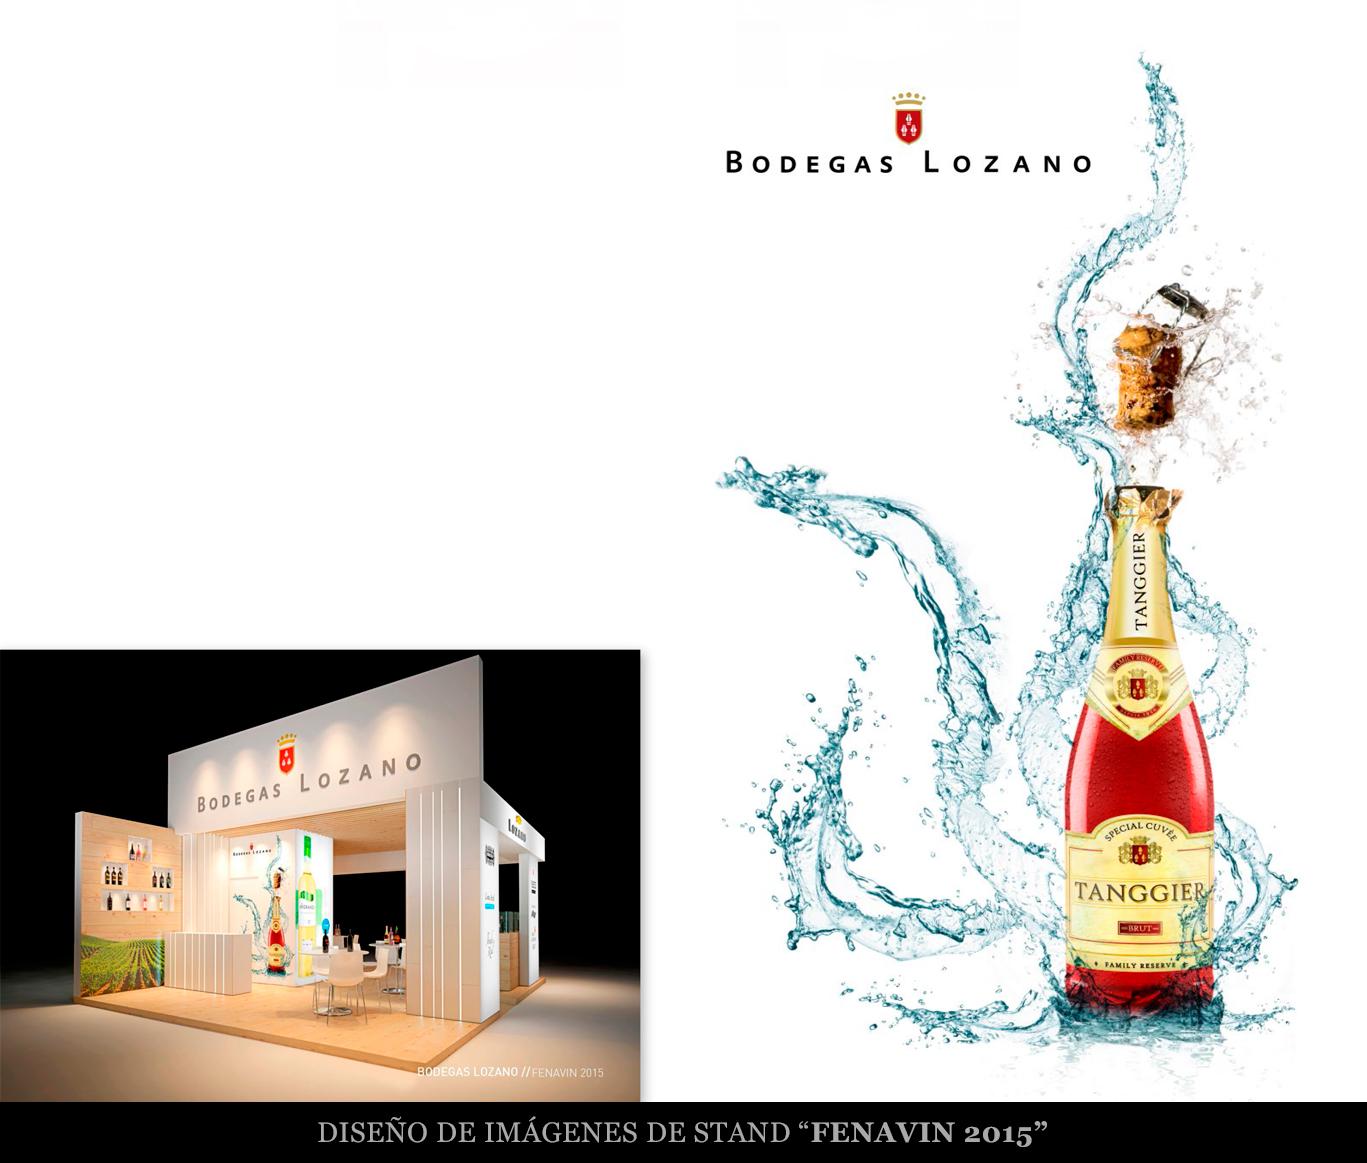 Diseño gráfico, bodegas Lozano, diseño gráfico Villarrobledo.